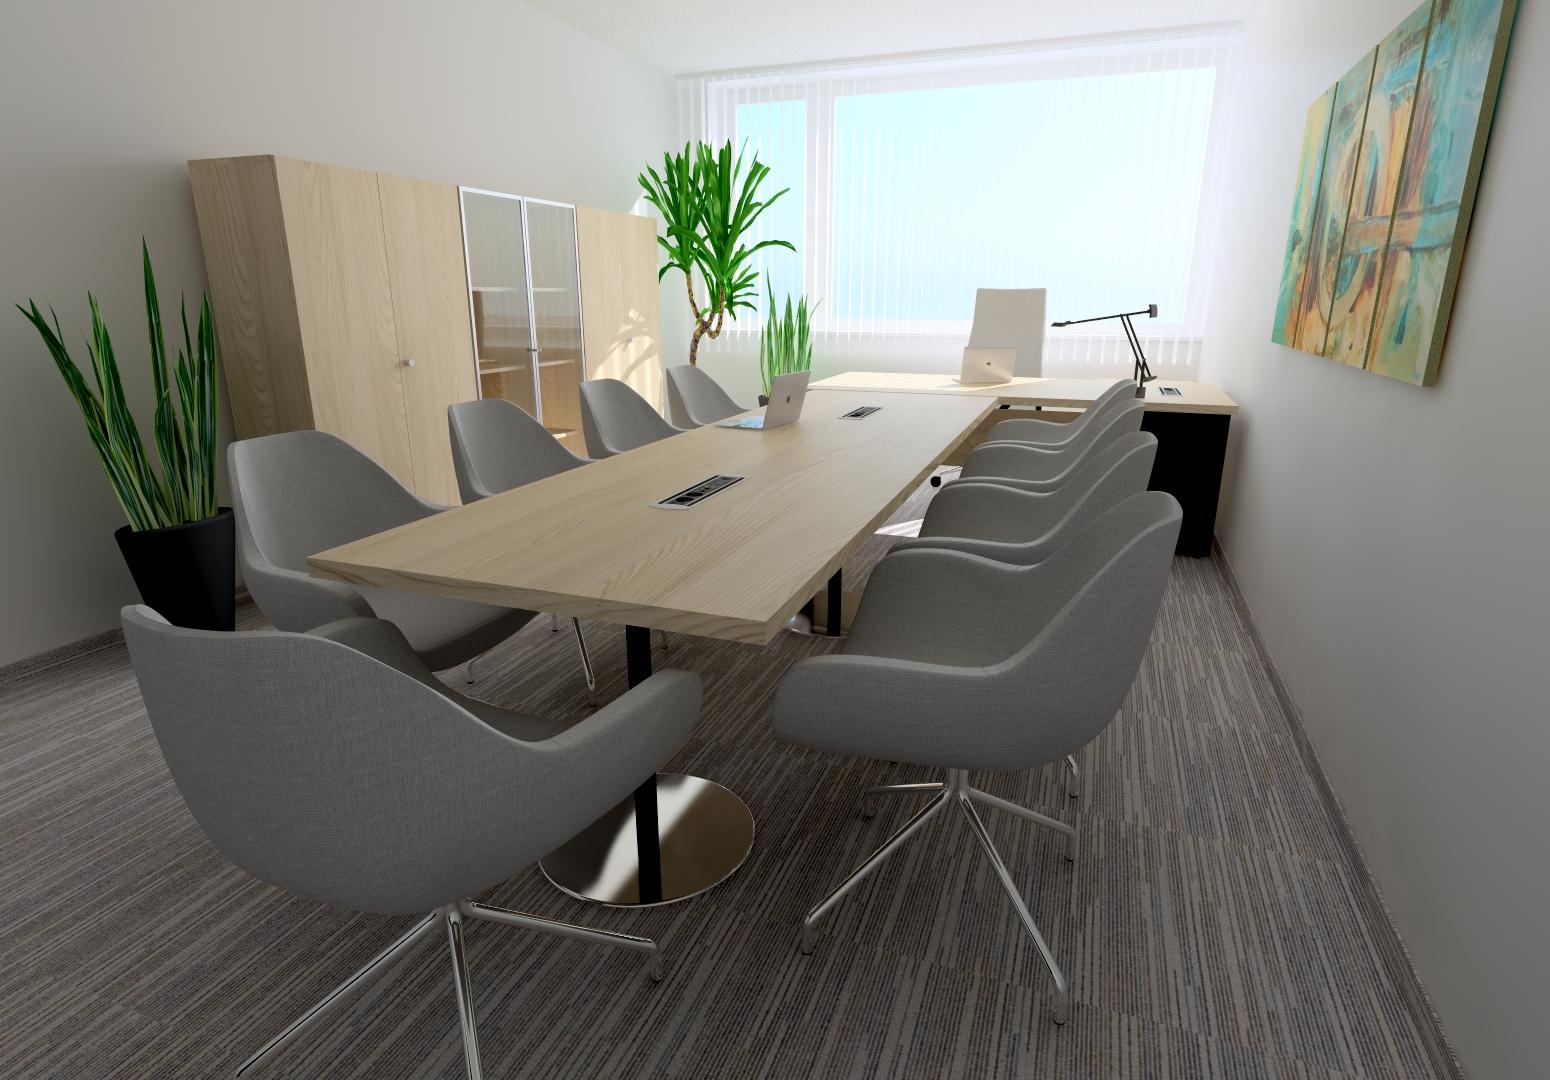 23 Inven dizajn - DAEX DESIGN Professional 21